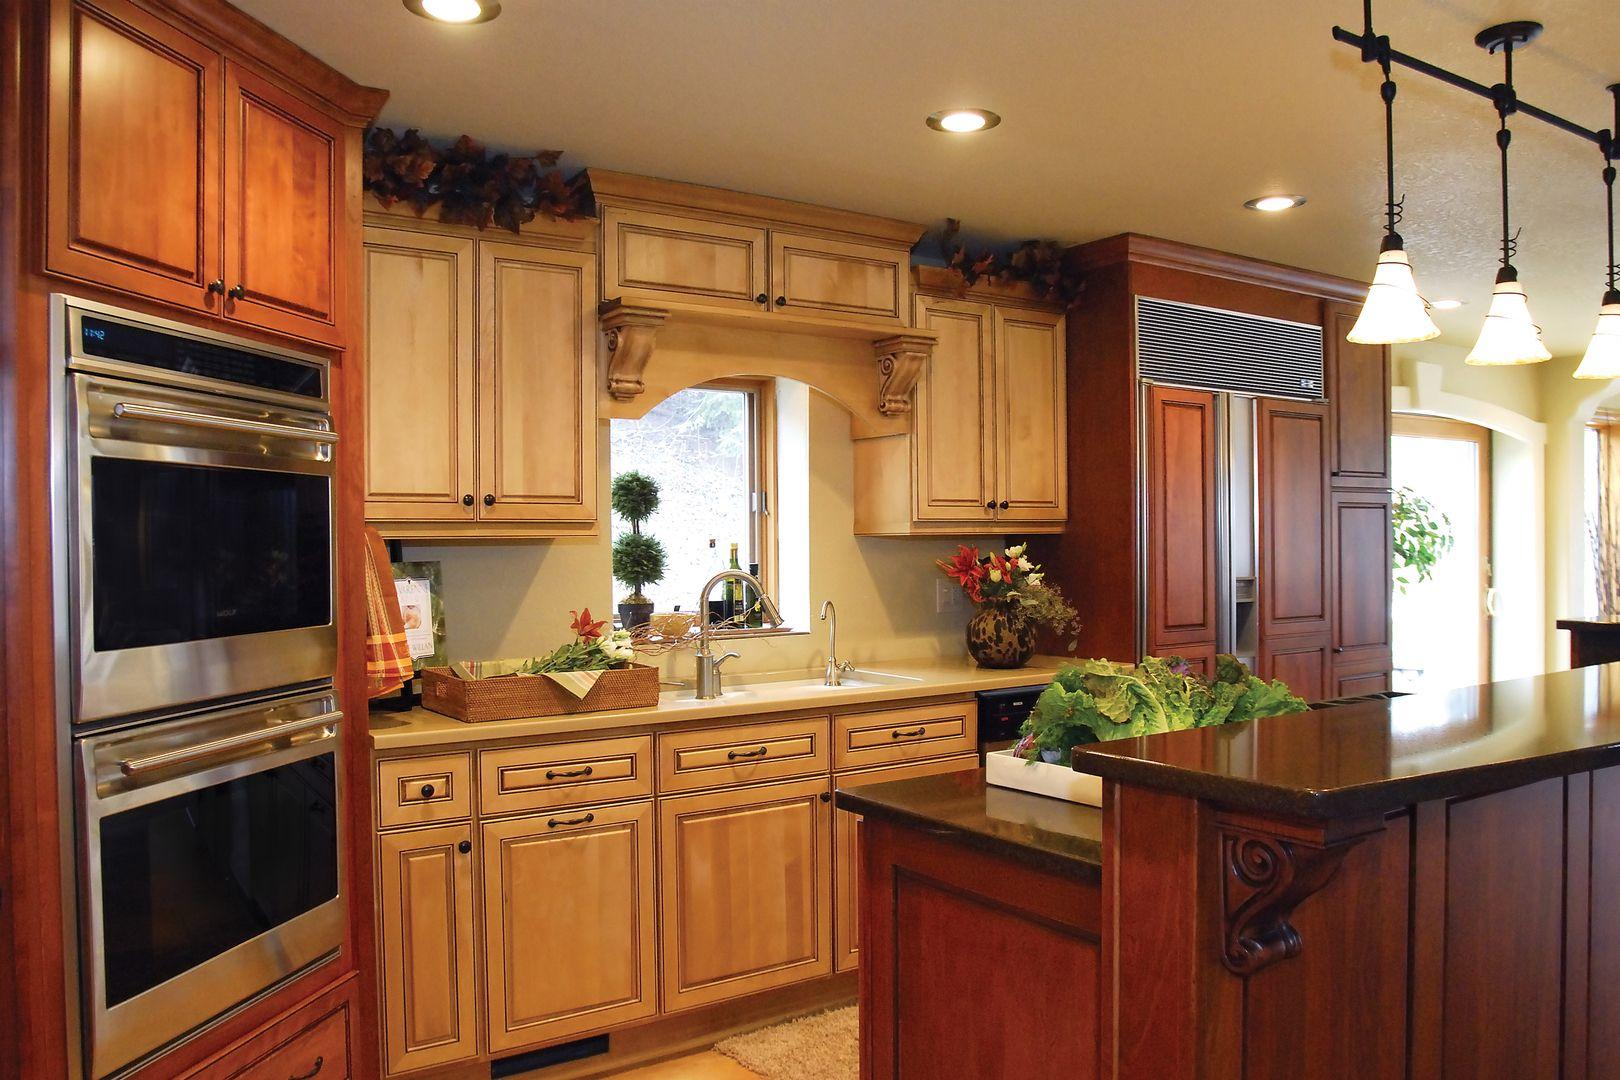 Two window kitchen design  exquisite kitchen designs south lyon mi  modern  fresh kitchens